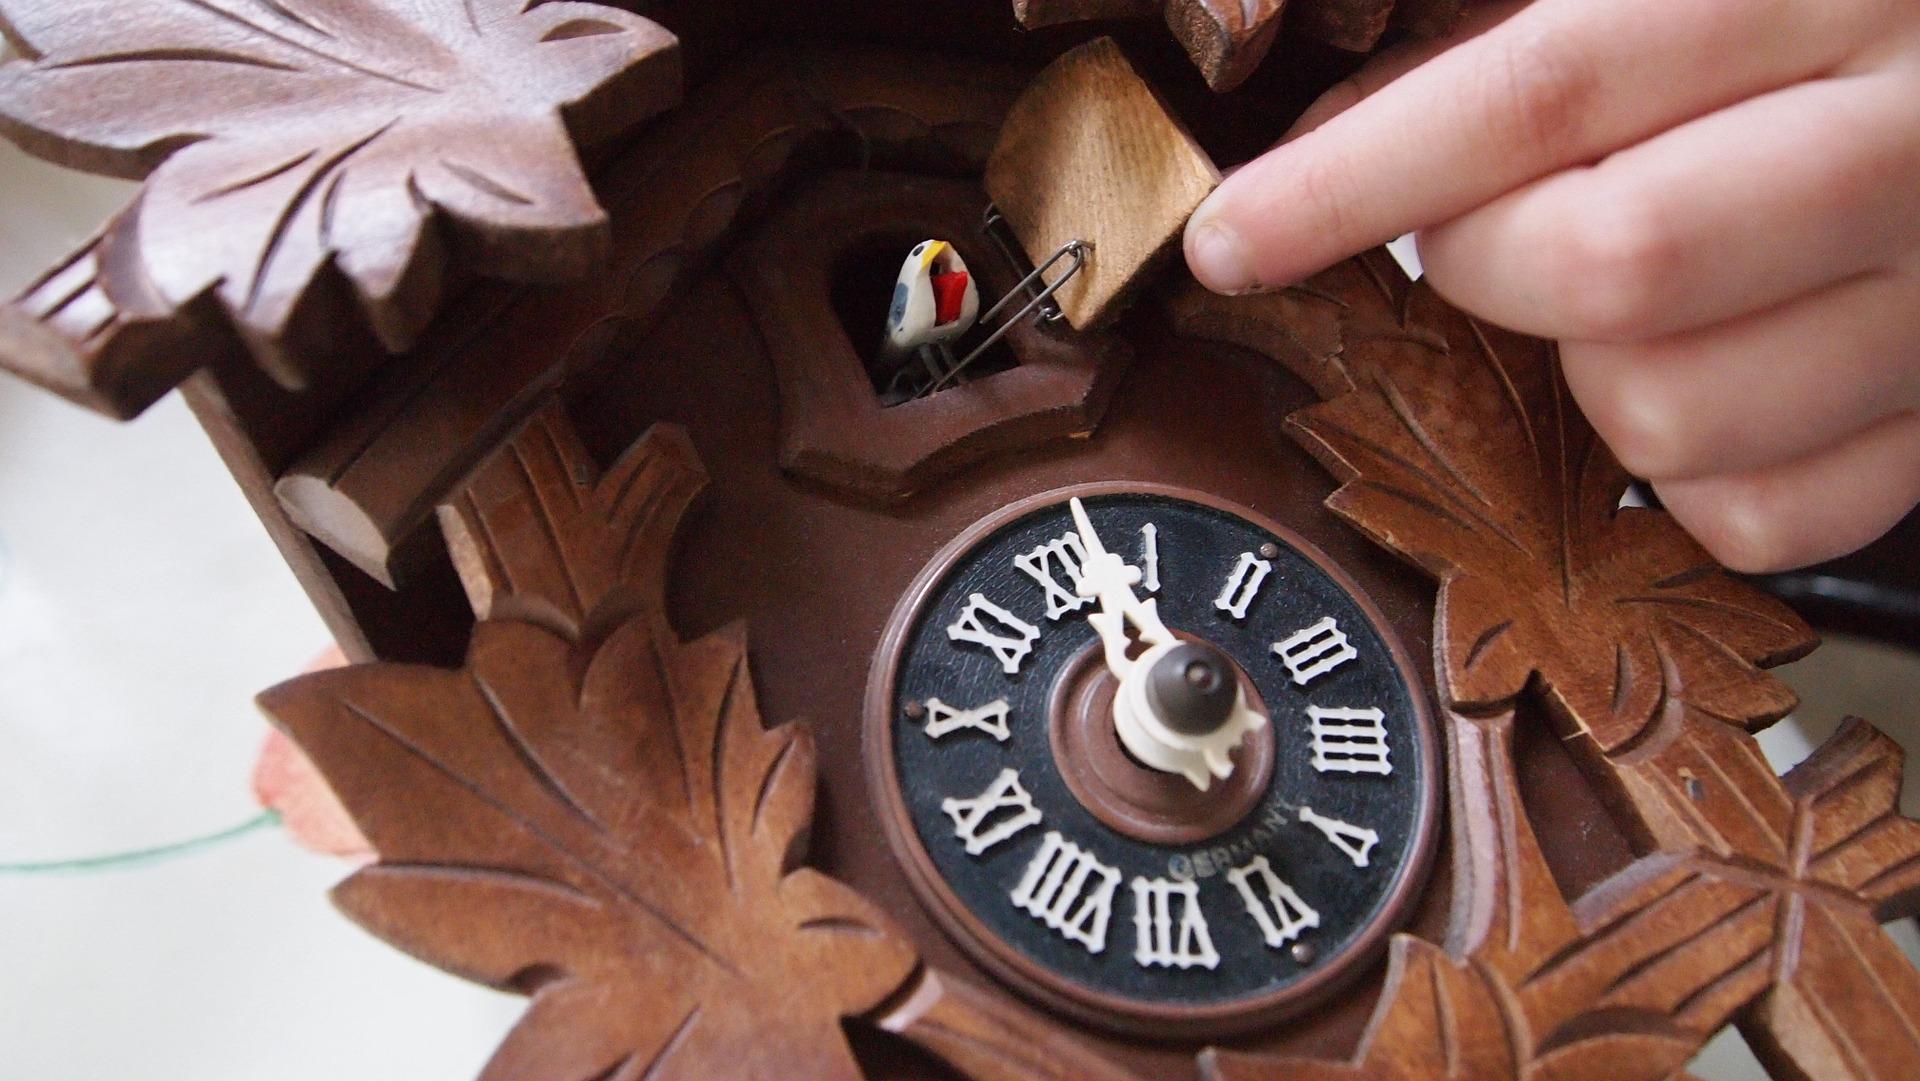 kukuckove hodiny v domacnosti